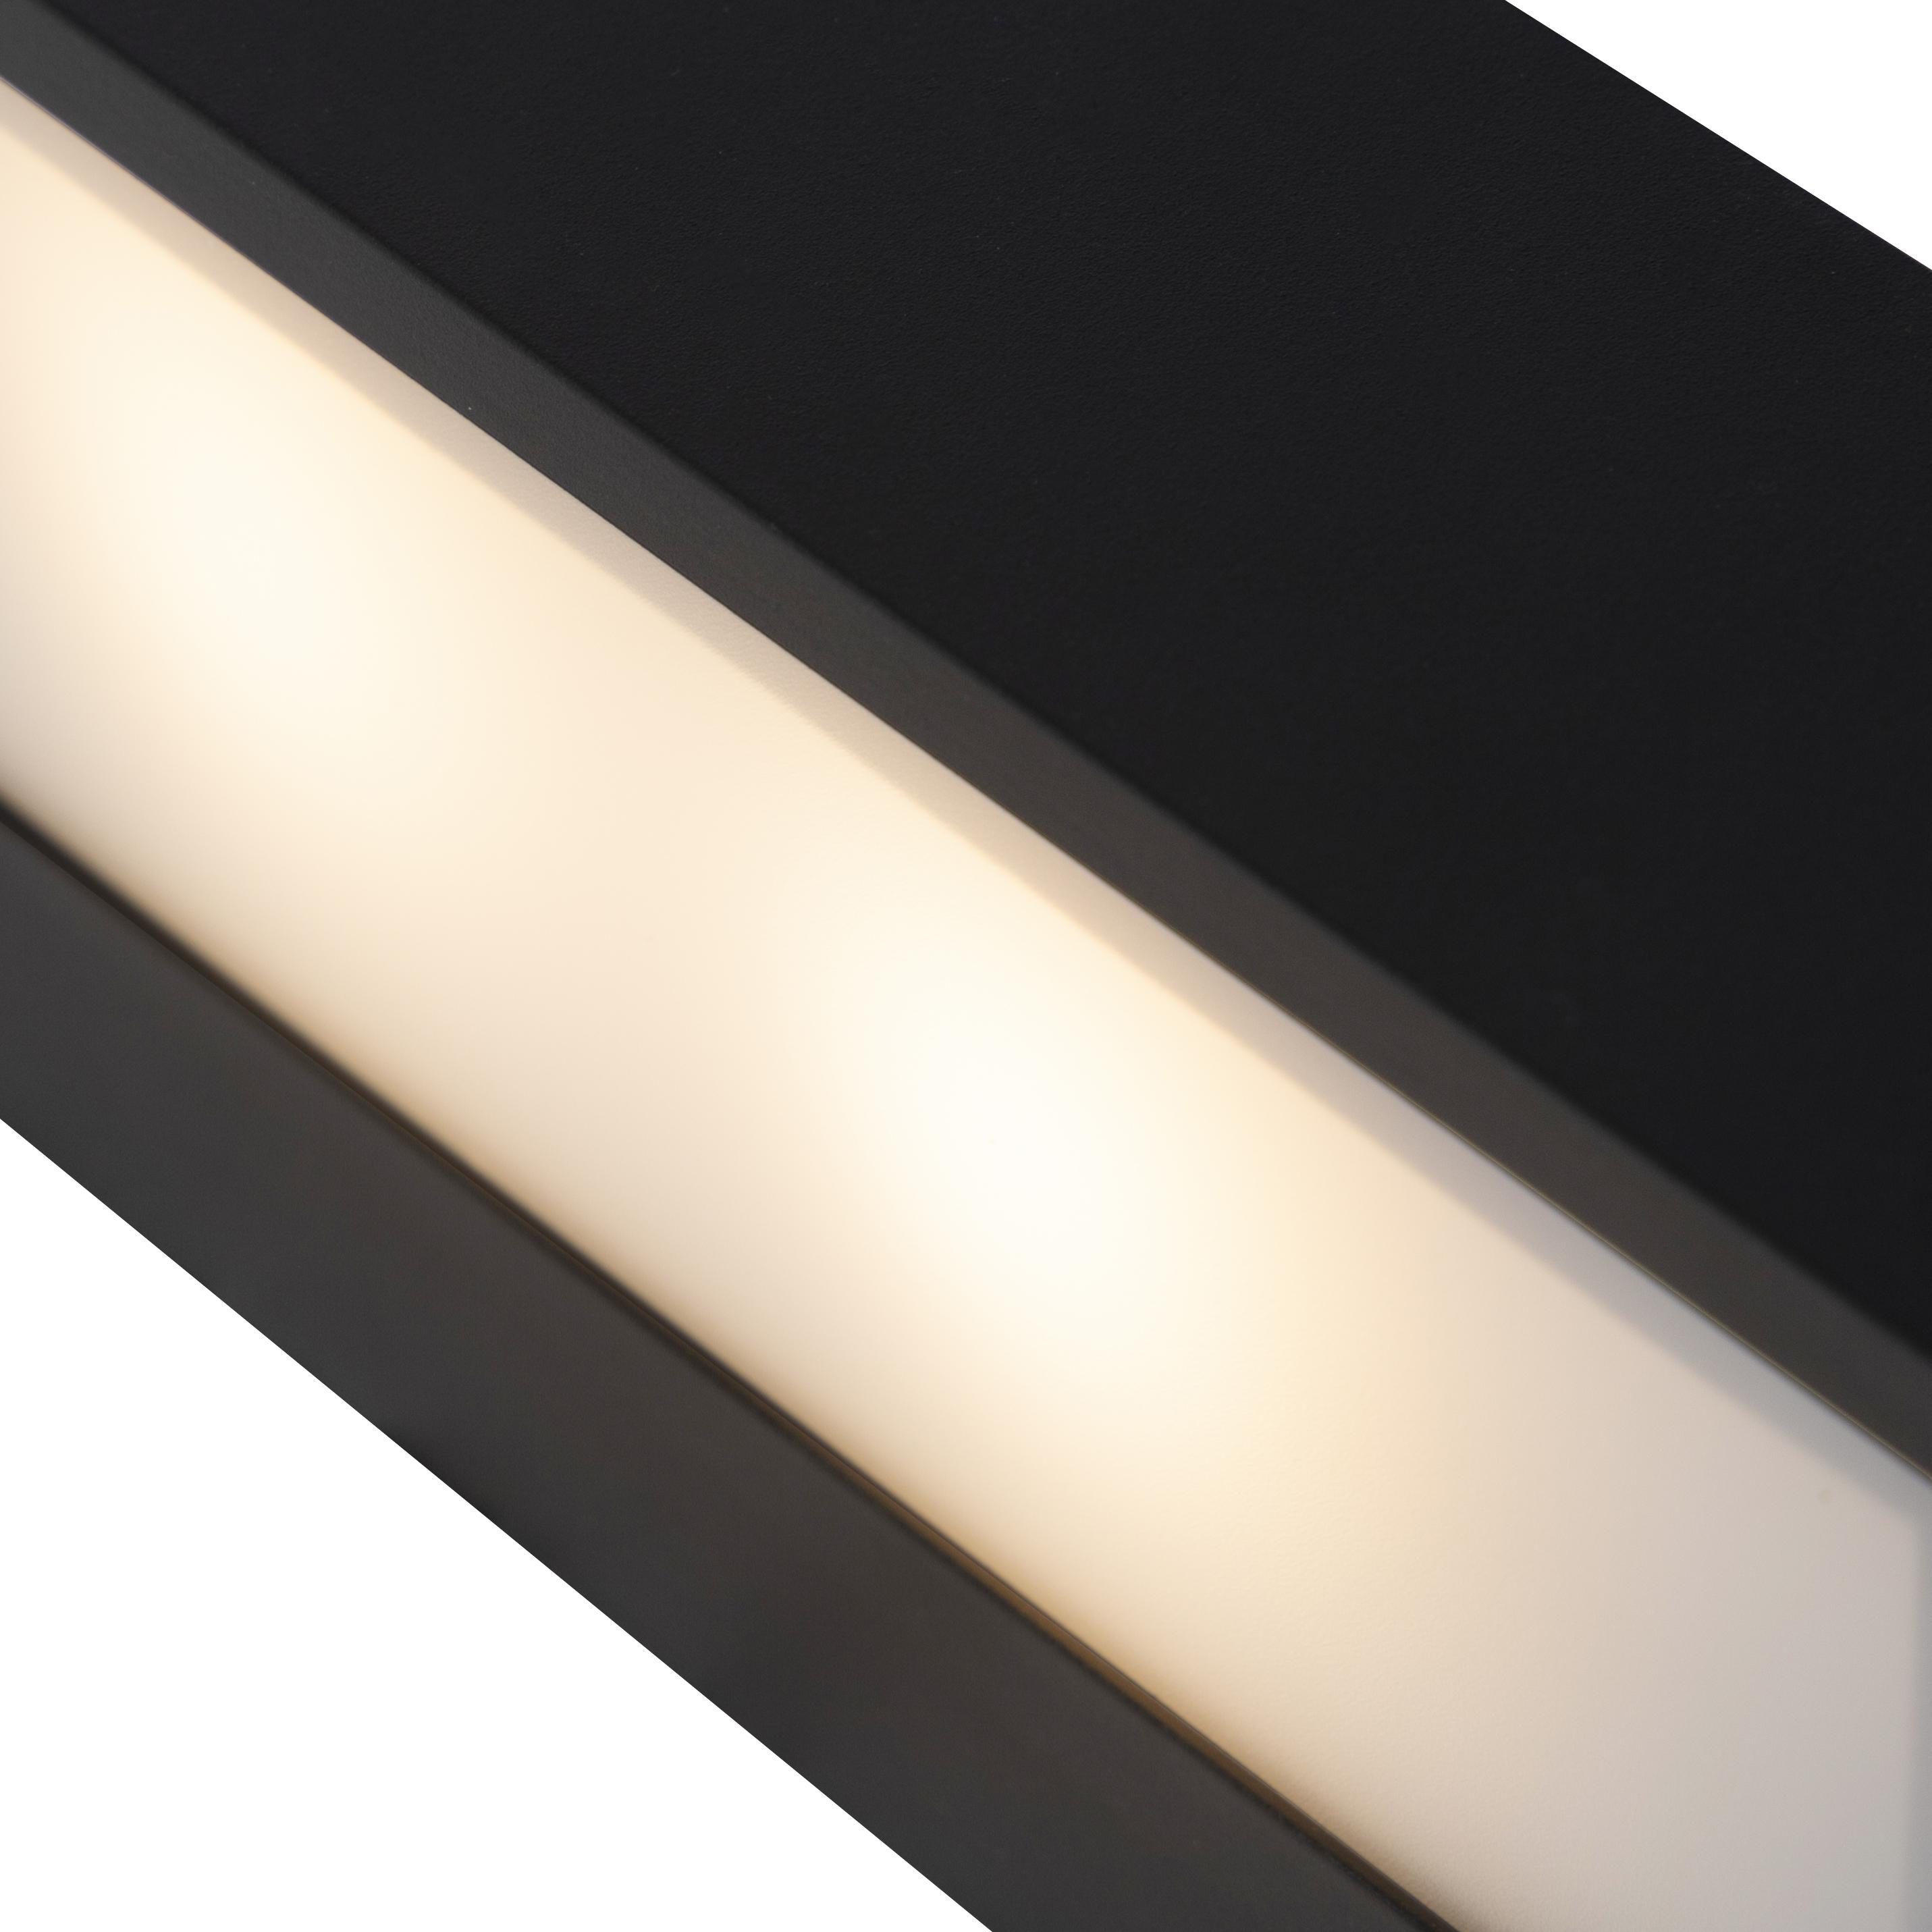 Design langwerpige wandlamp zwart 25cm - Houx